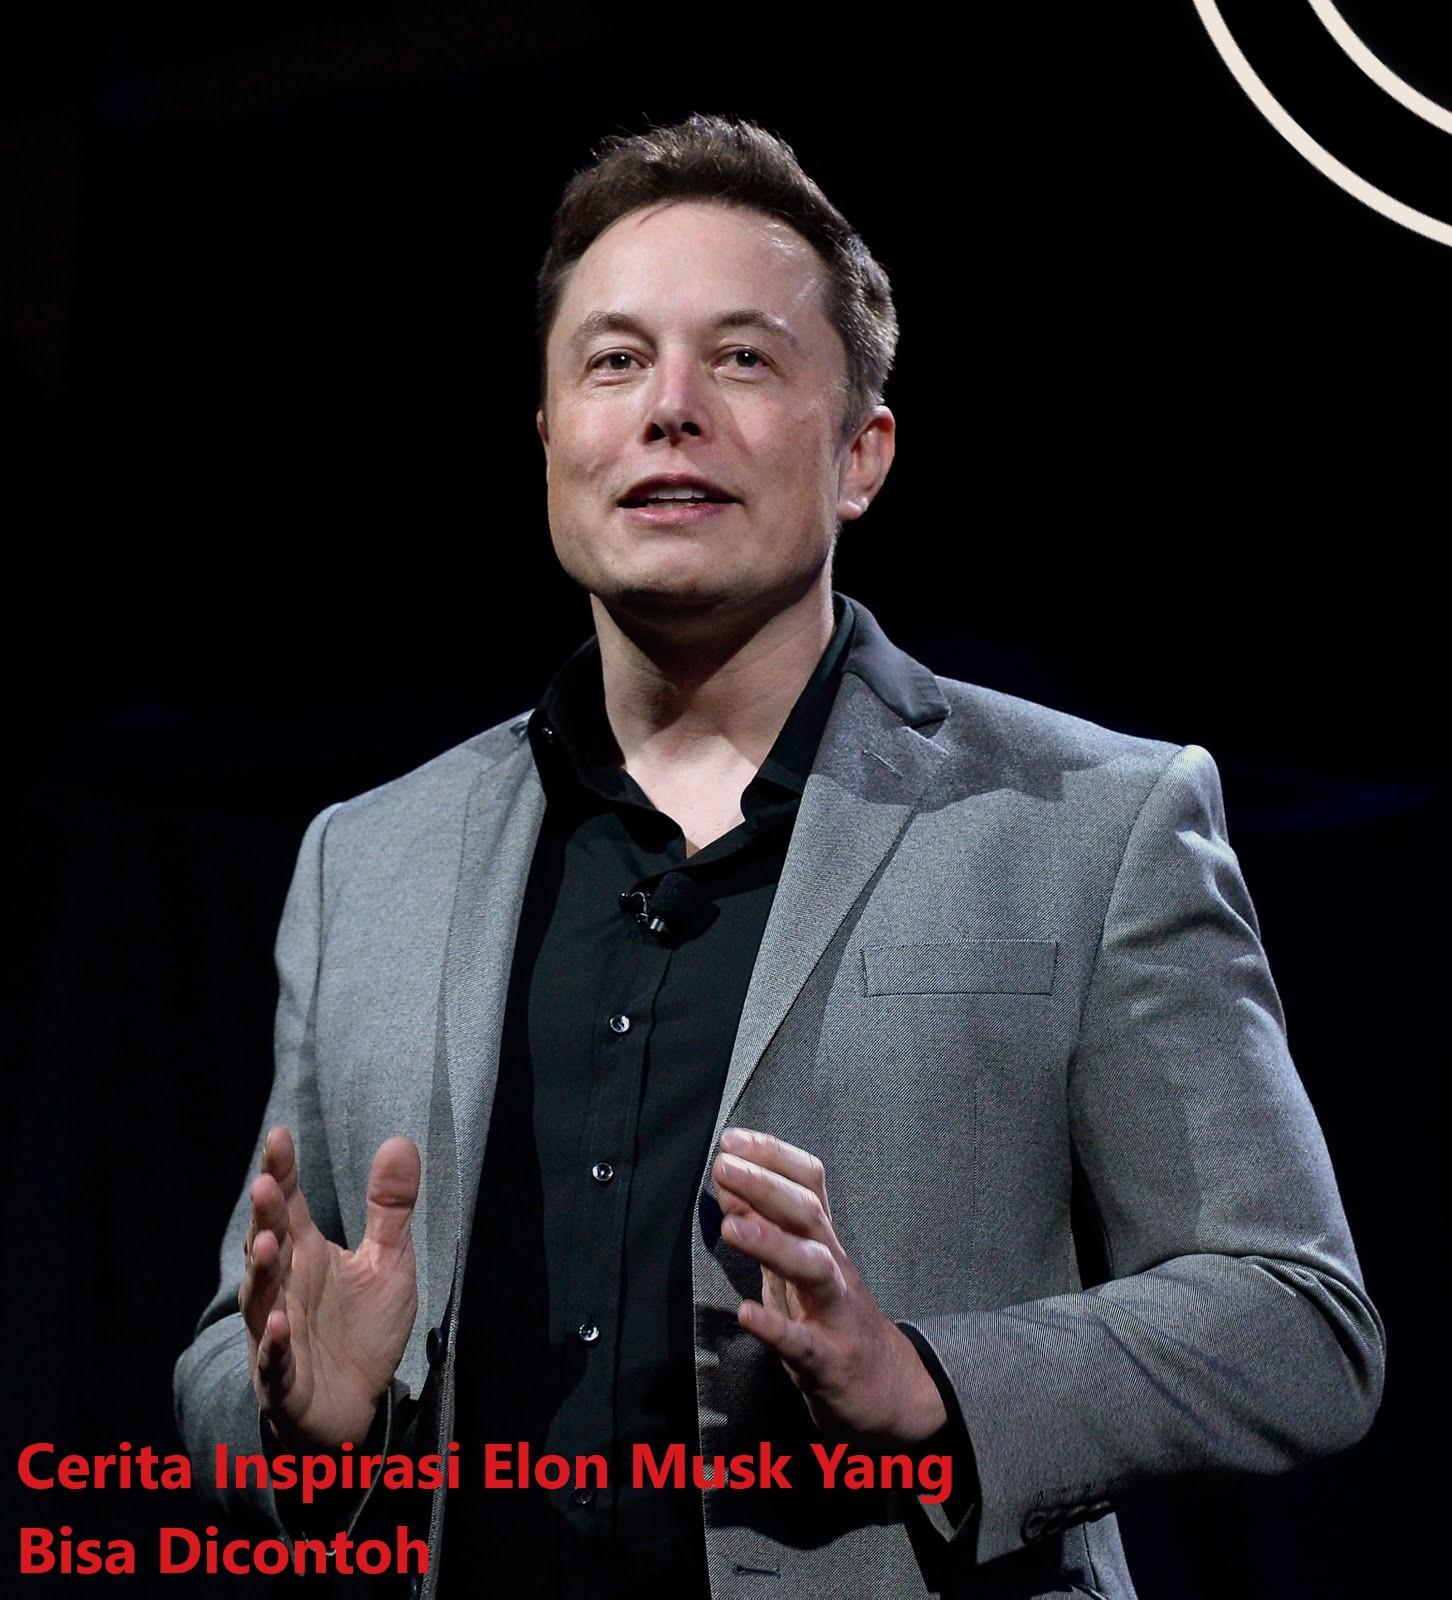 Cerita Inspirasi Elon Musk Yang Bisa Dicontoh